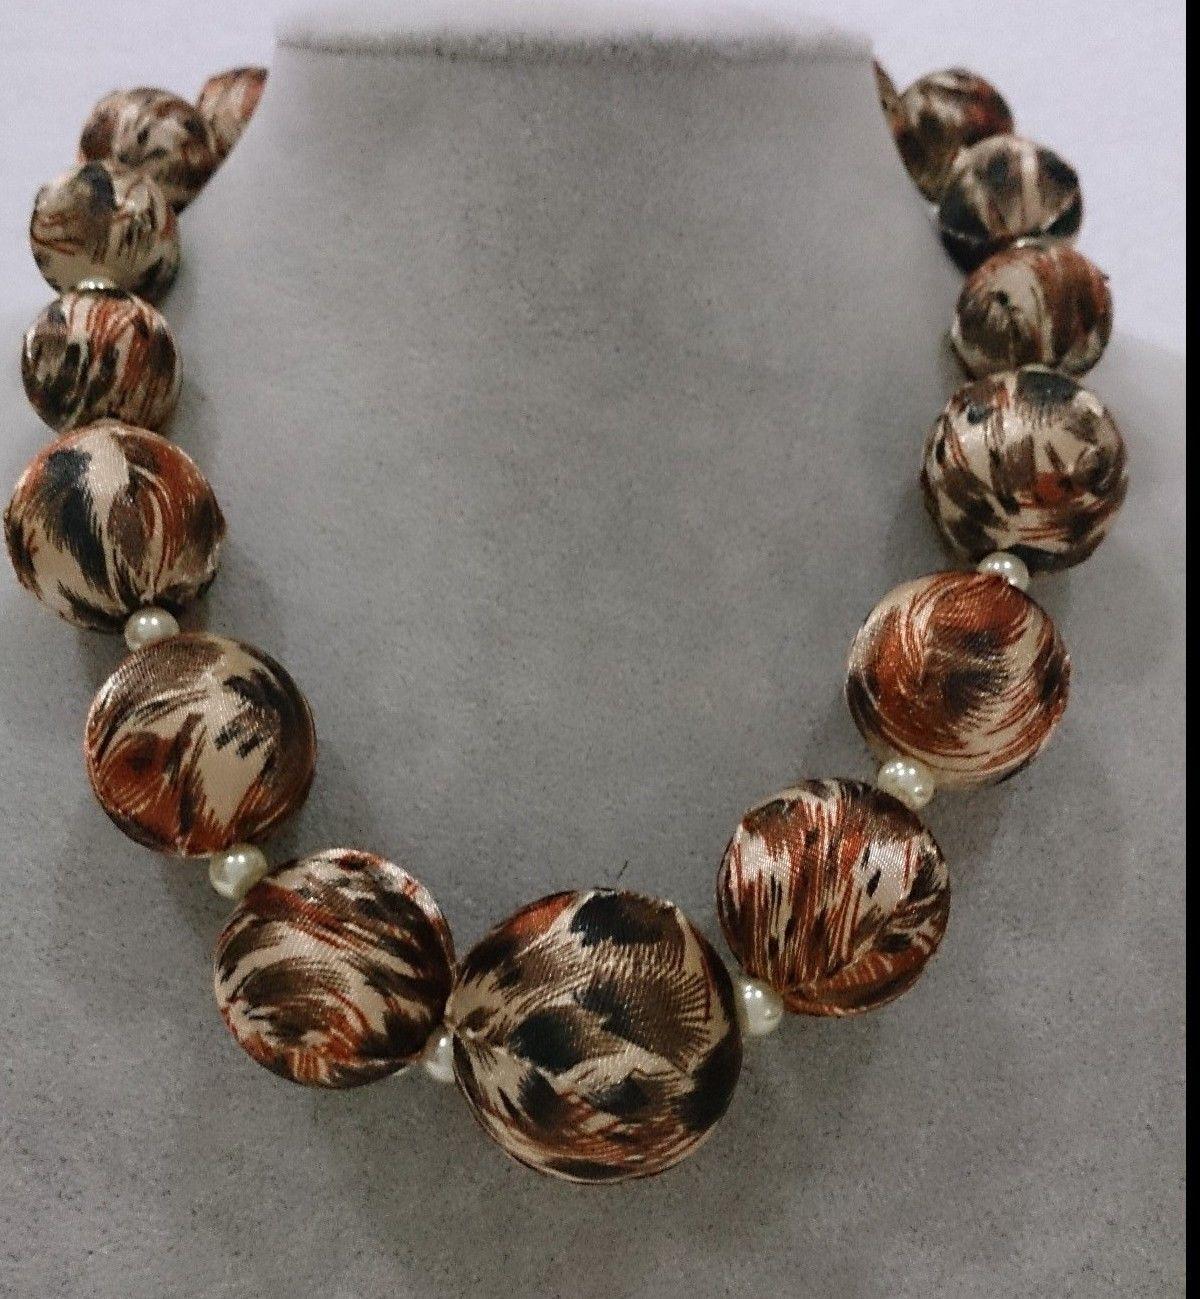 perlas forradas en tela animal print